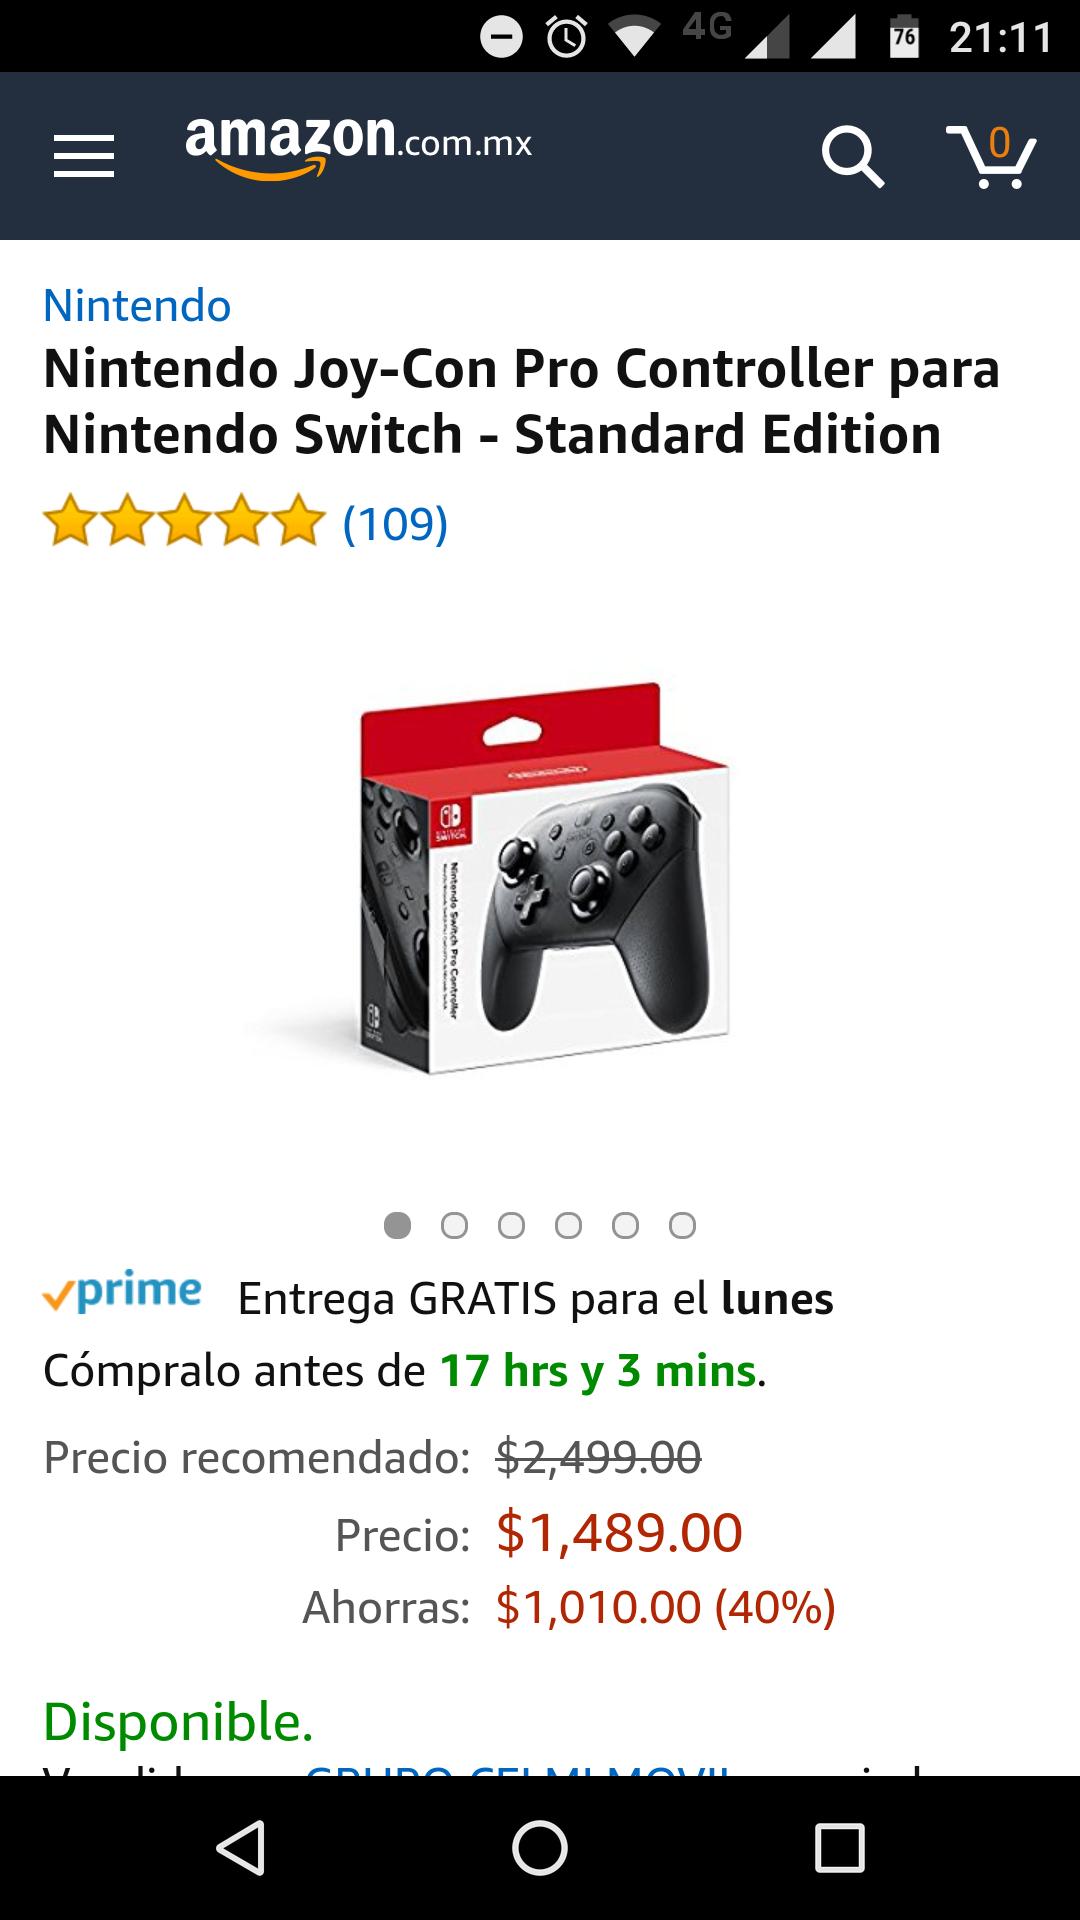 Amazon: Nintendo Joy-Con Pro Controller